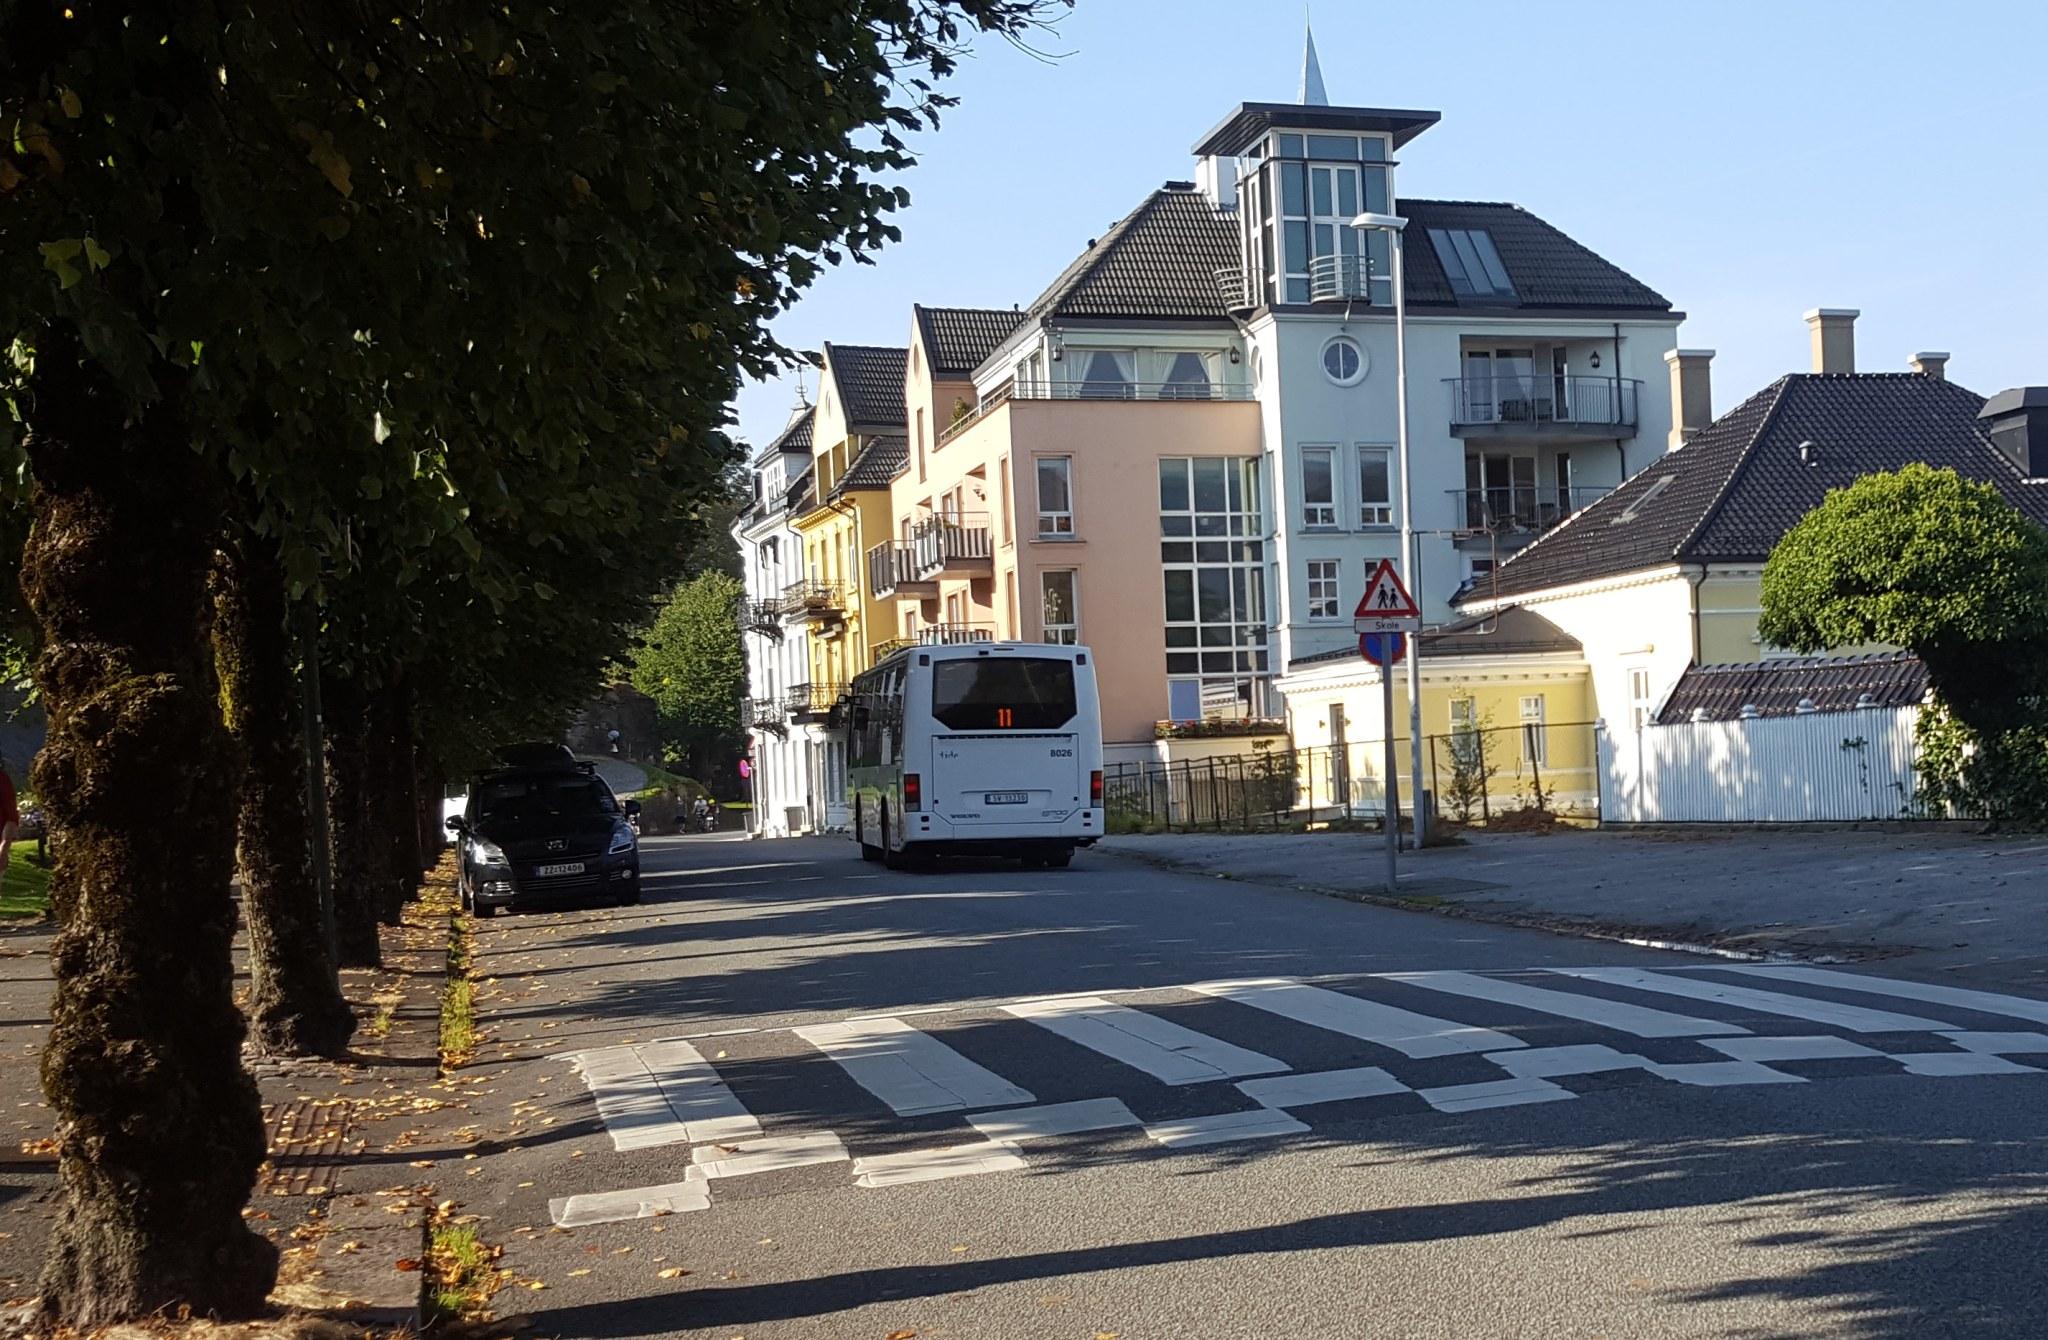 Buss 11 går til Nordnes. Foto: Eva Johansen